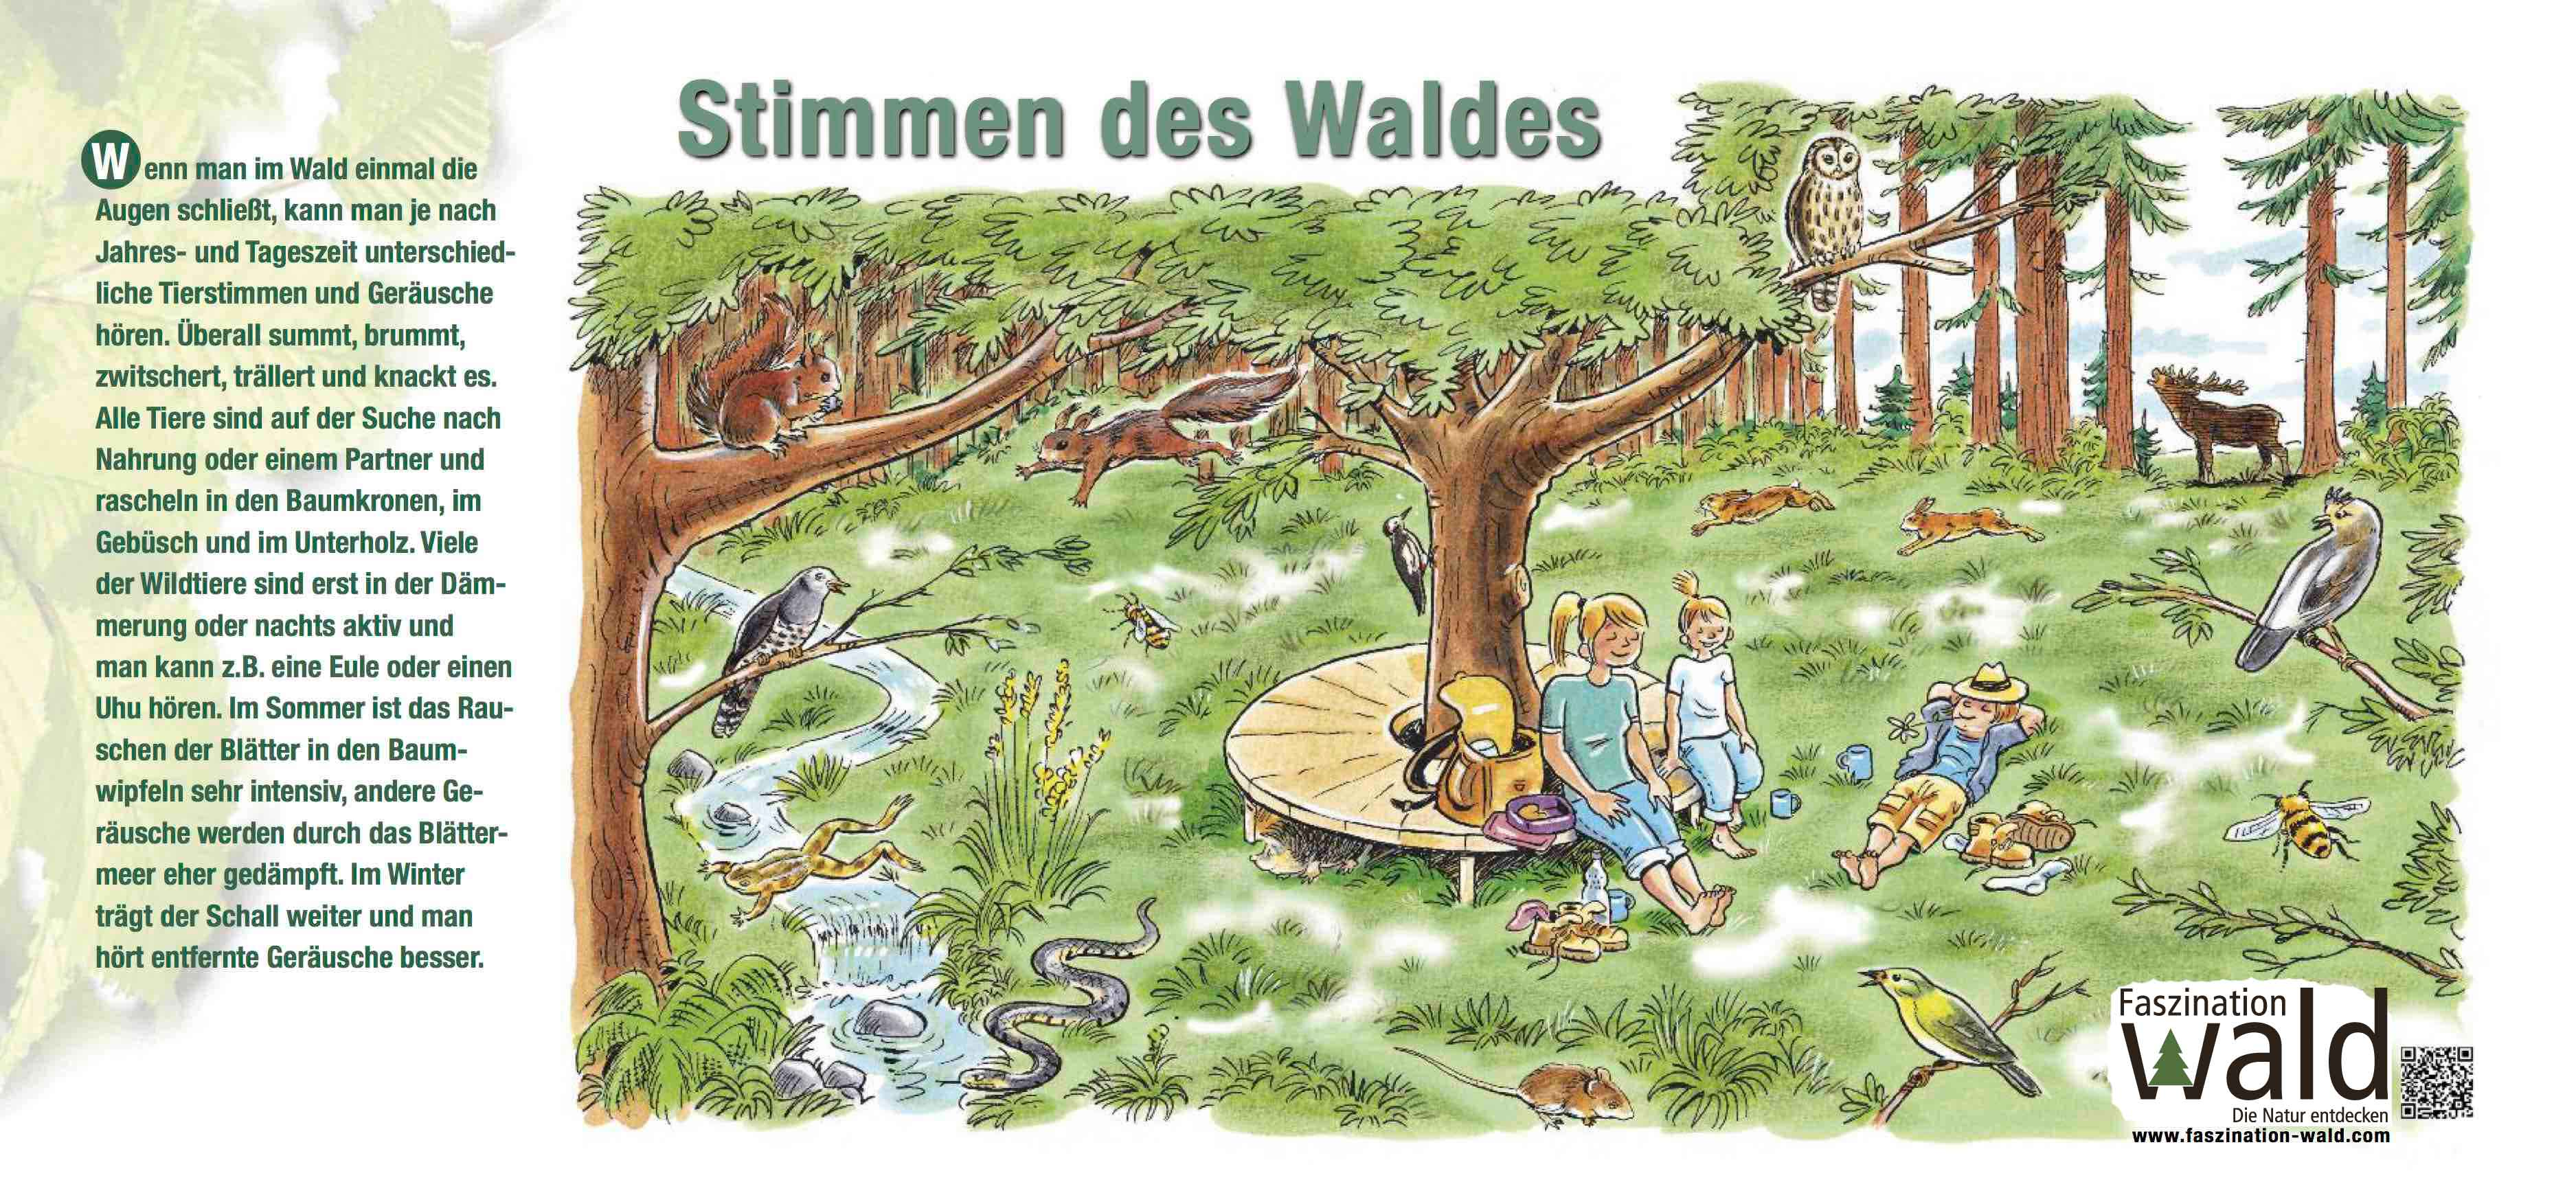 Stimmen des Waldes